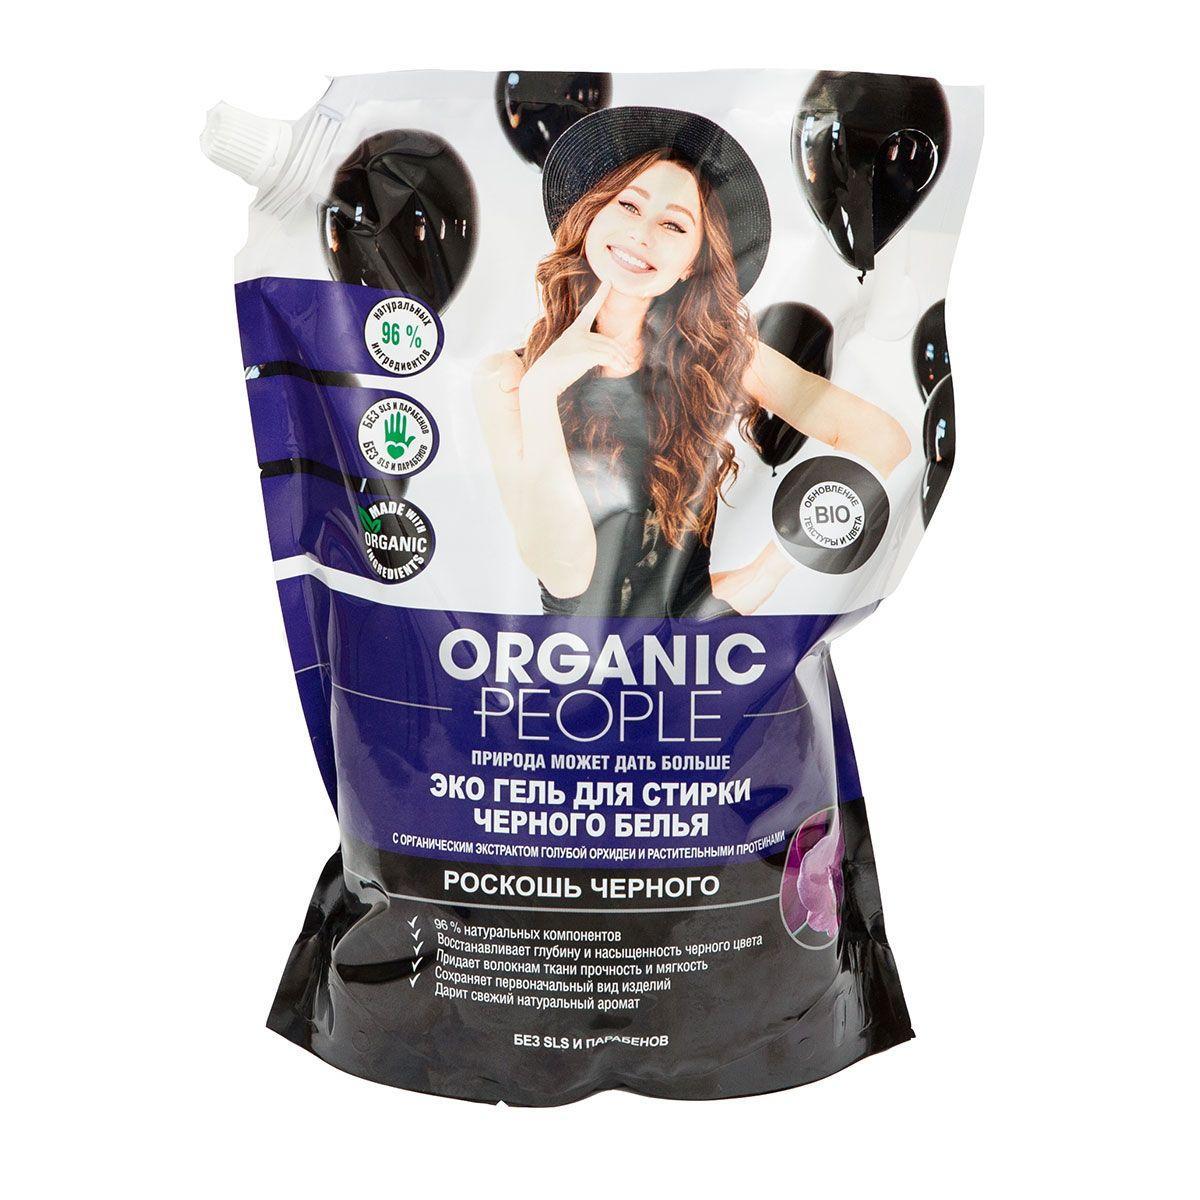 Эко гель Organic People для стирки черного белья